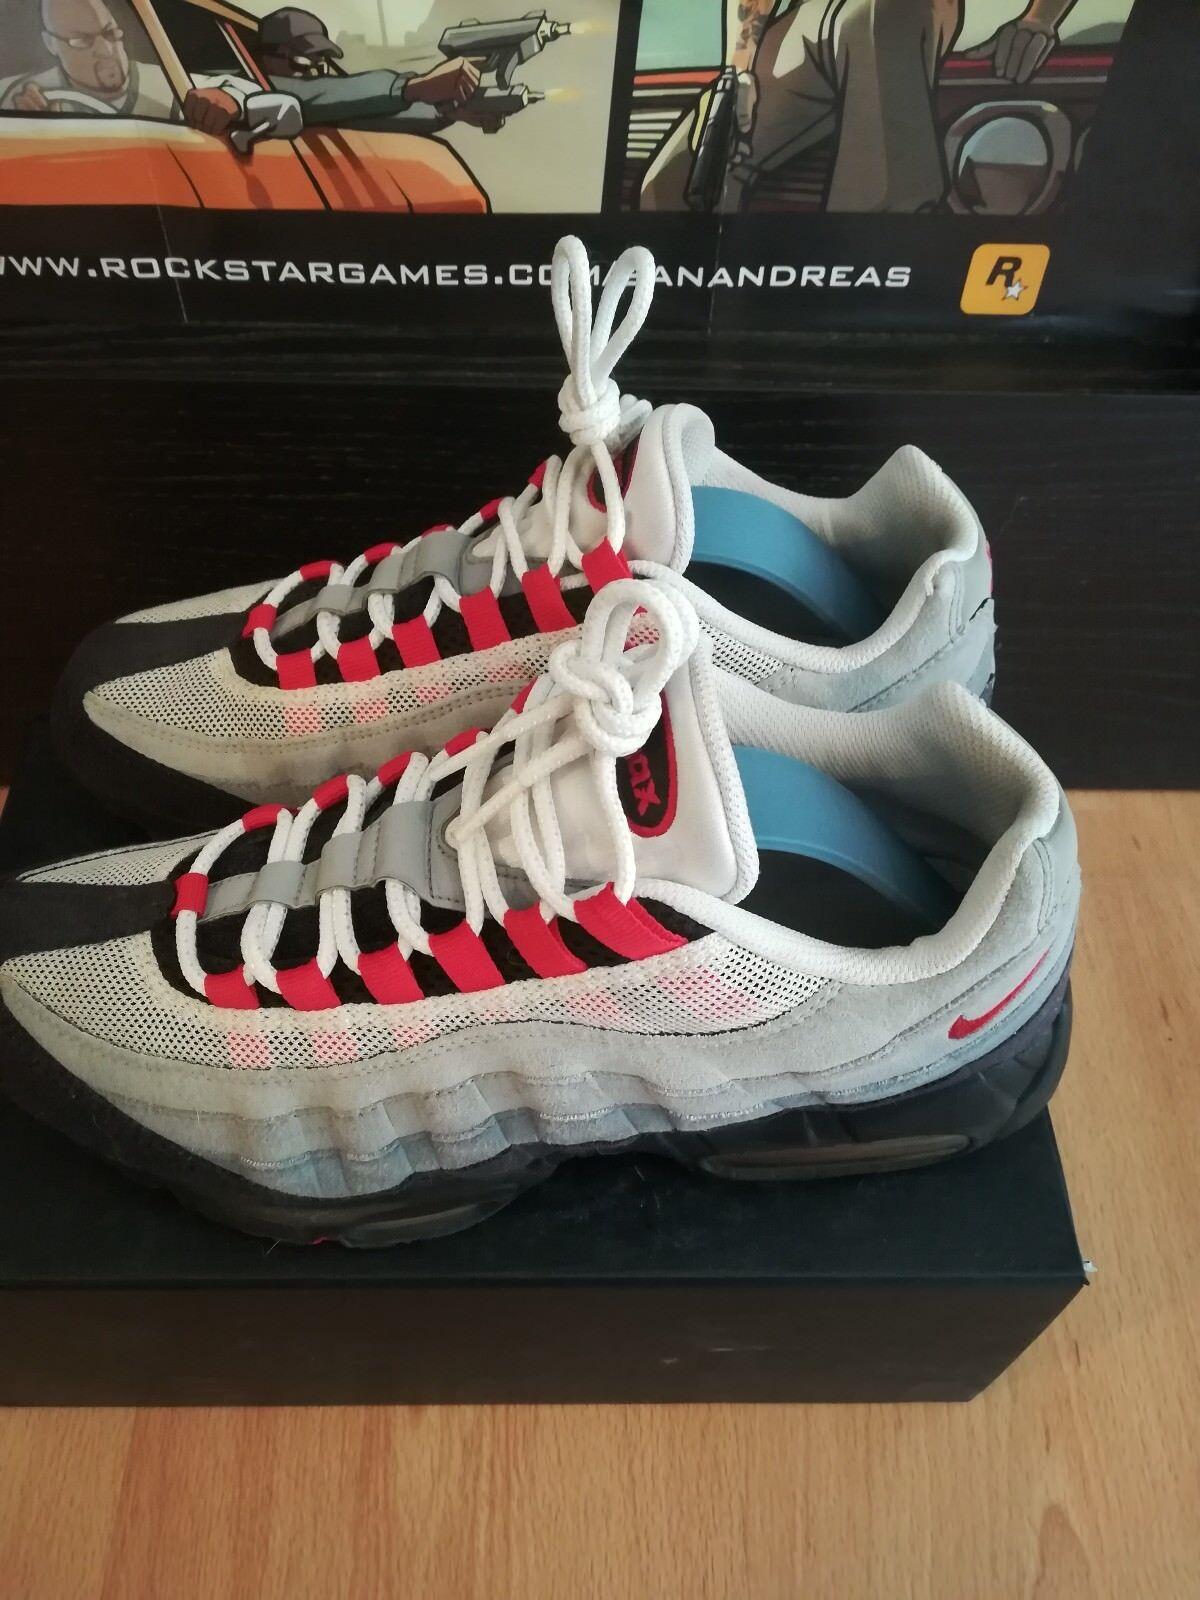 Nike air max 95 609048 165 (2009) men's US9 RARE sneakers